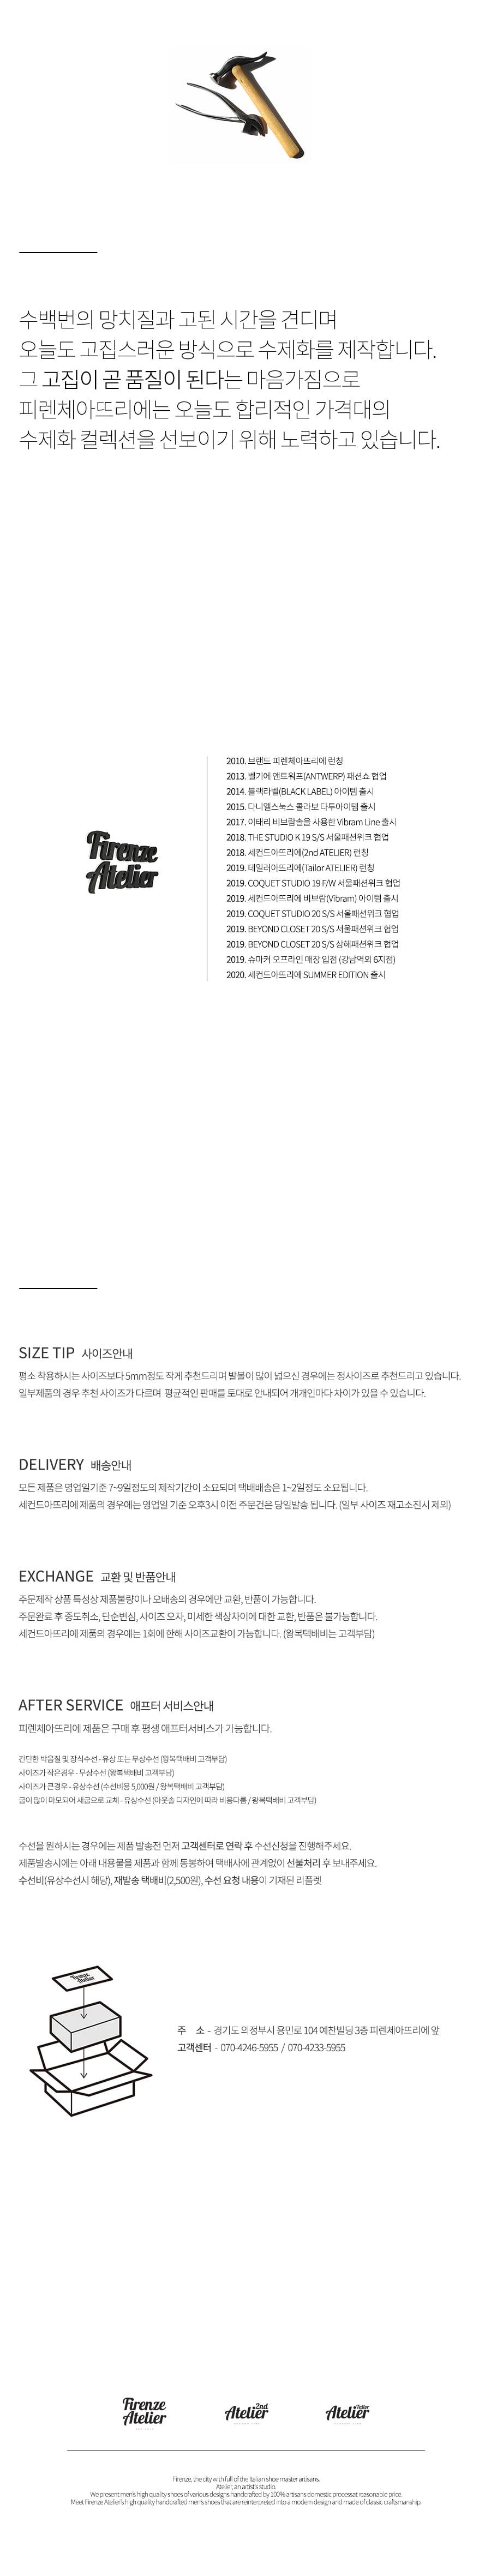 피렌체 아뜨리에(FIRENZE ATELIER) 2nd Atelier 이중웰트 워커솔 유팁 페니로퍼 2NDF 700GB